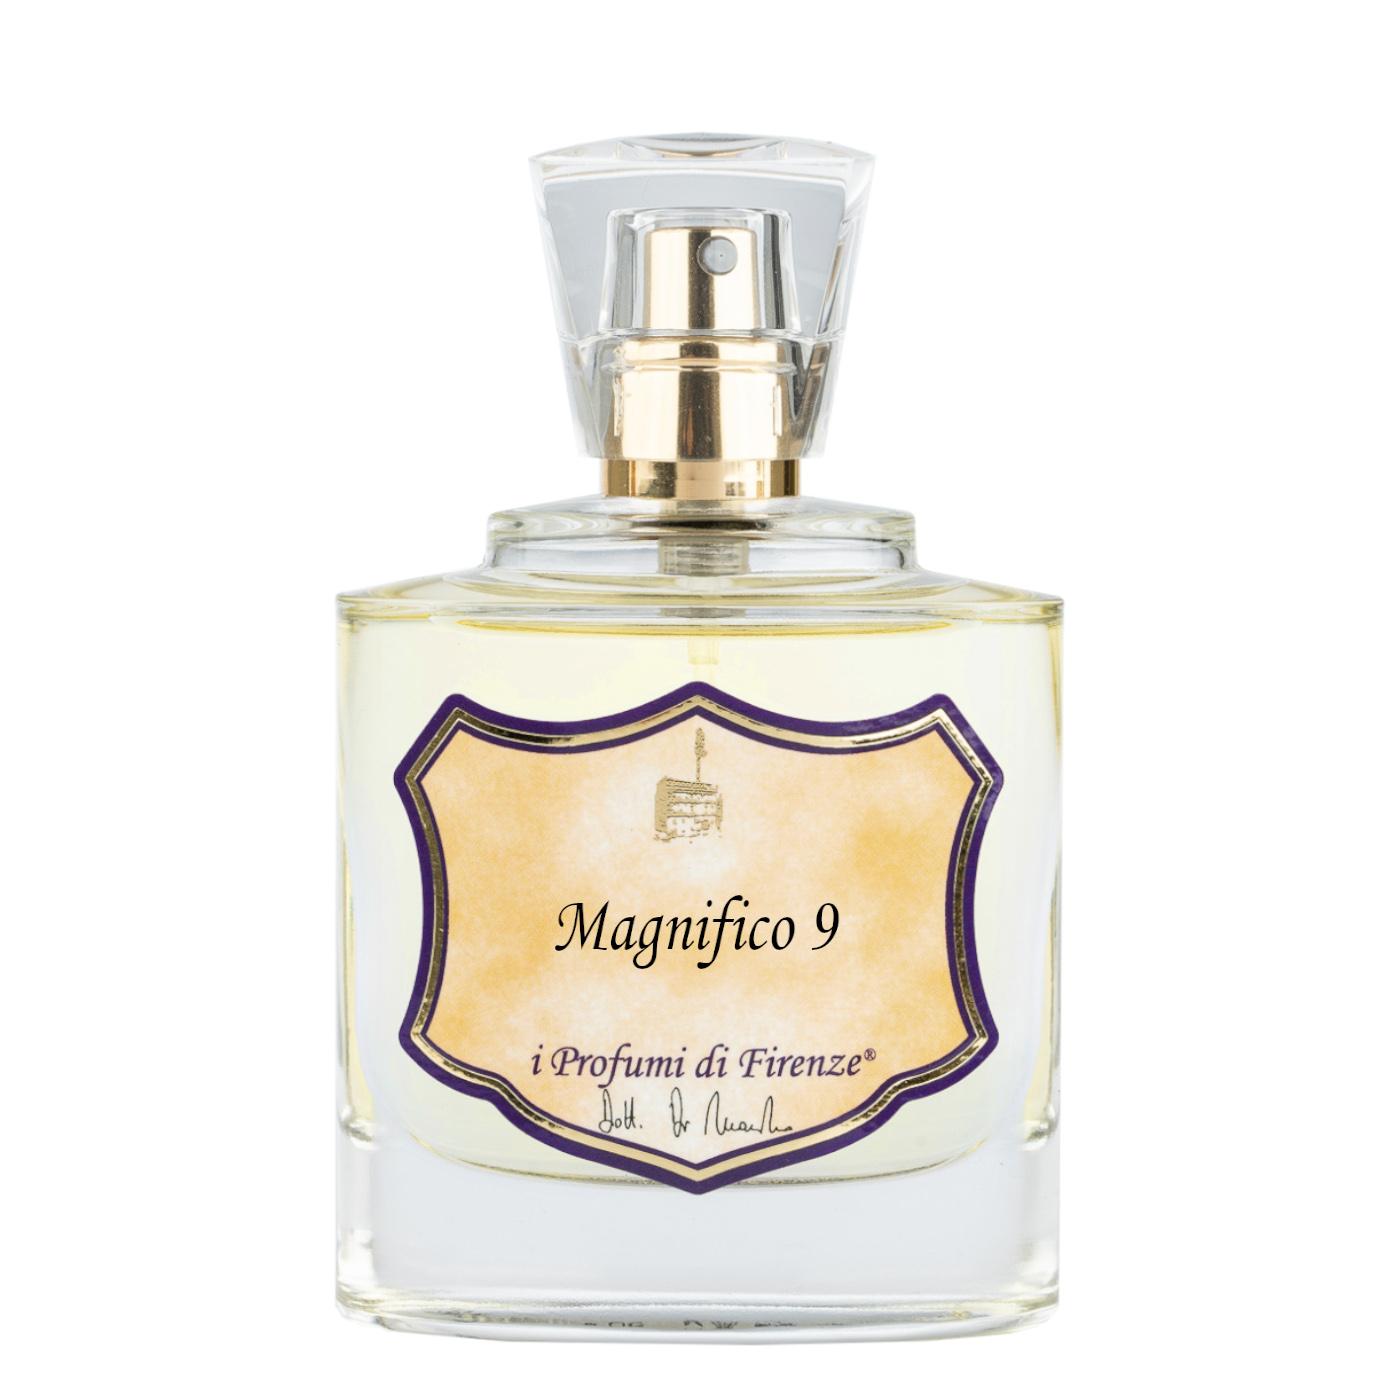 MAGNIFICO 9 ZENZERO E PEPERONCINO - Eau de Parfum-4142